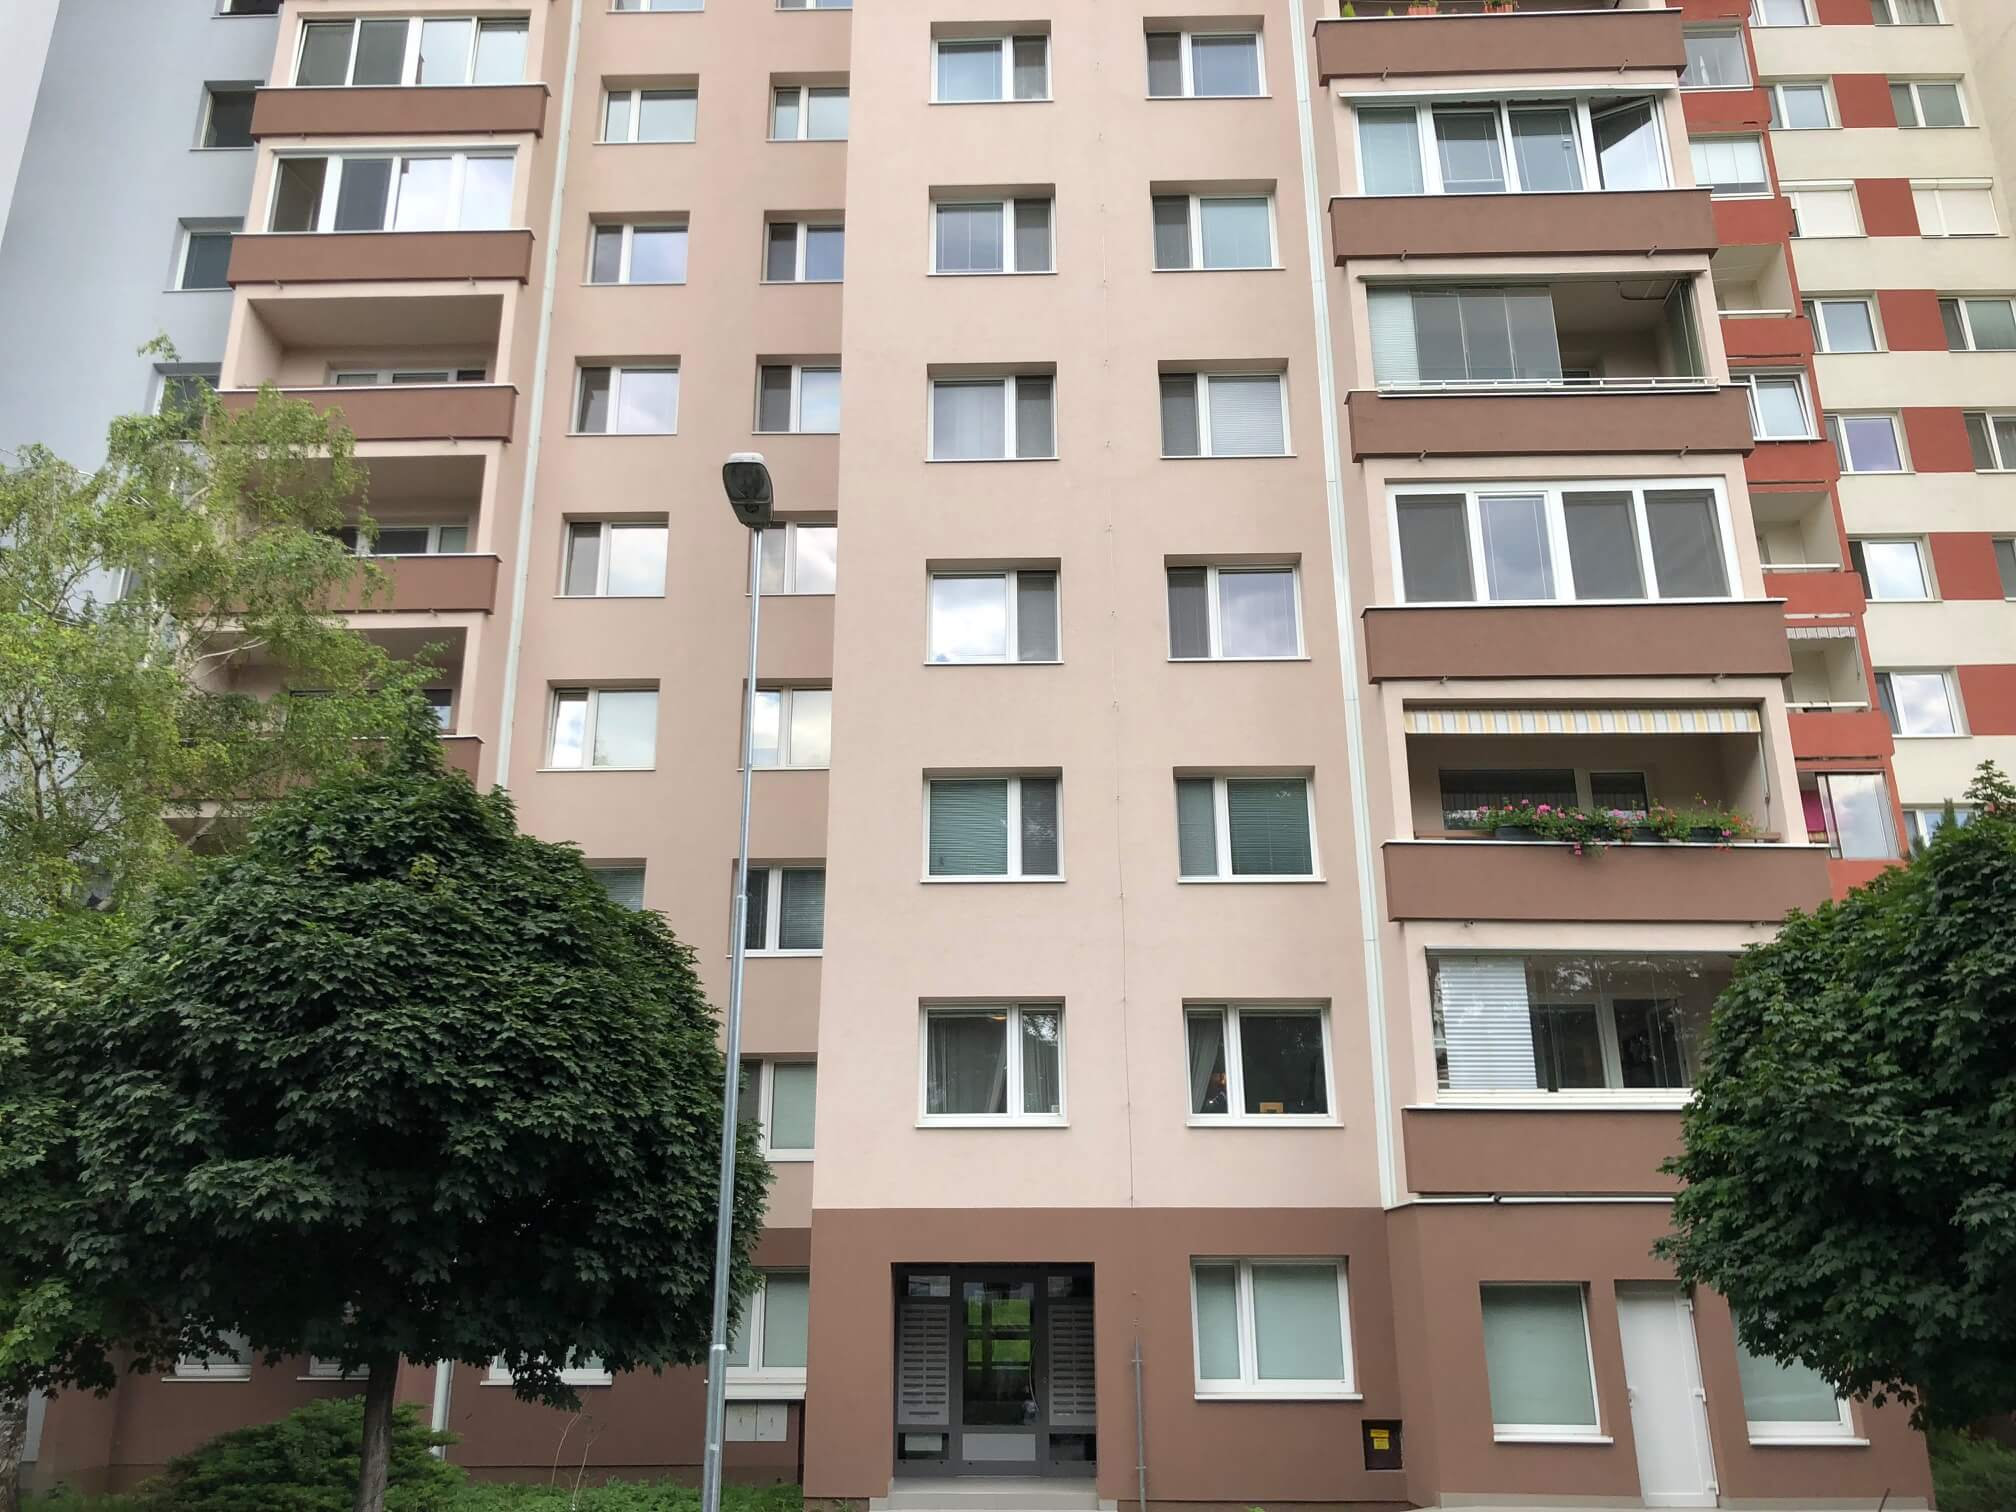 Predané Predaj exkluzívneho 3 izb. bytu,v Ružinove, ulica Palkovičová, blízko Trhoviska Miletičky v Bratislave, 68m2, kompletne zariadený-6